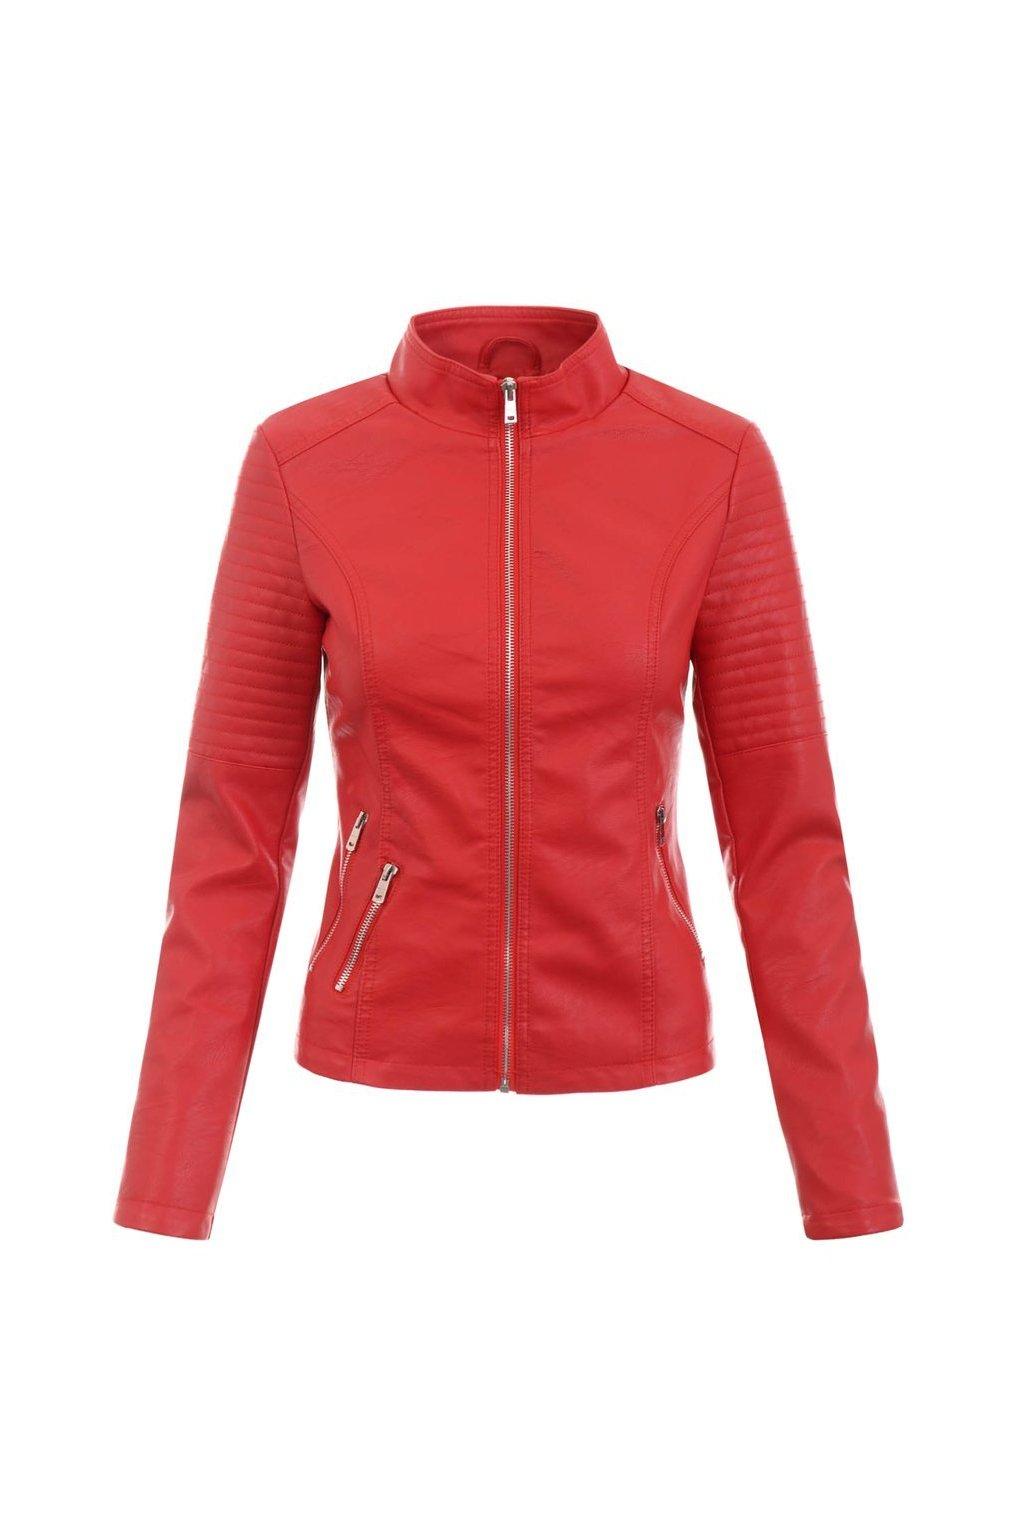 Dámska kožená bunda 5515 červená